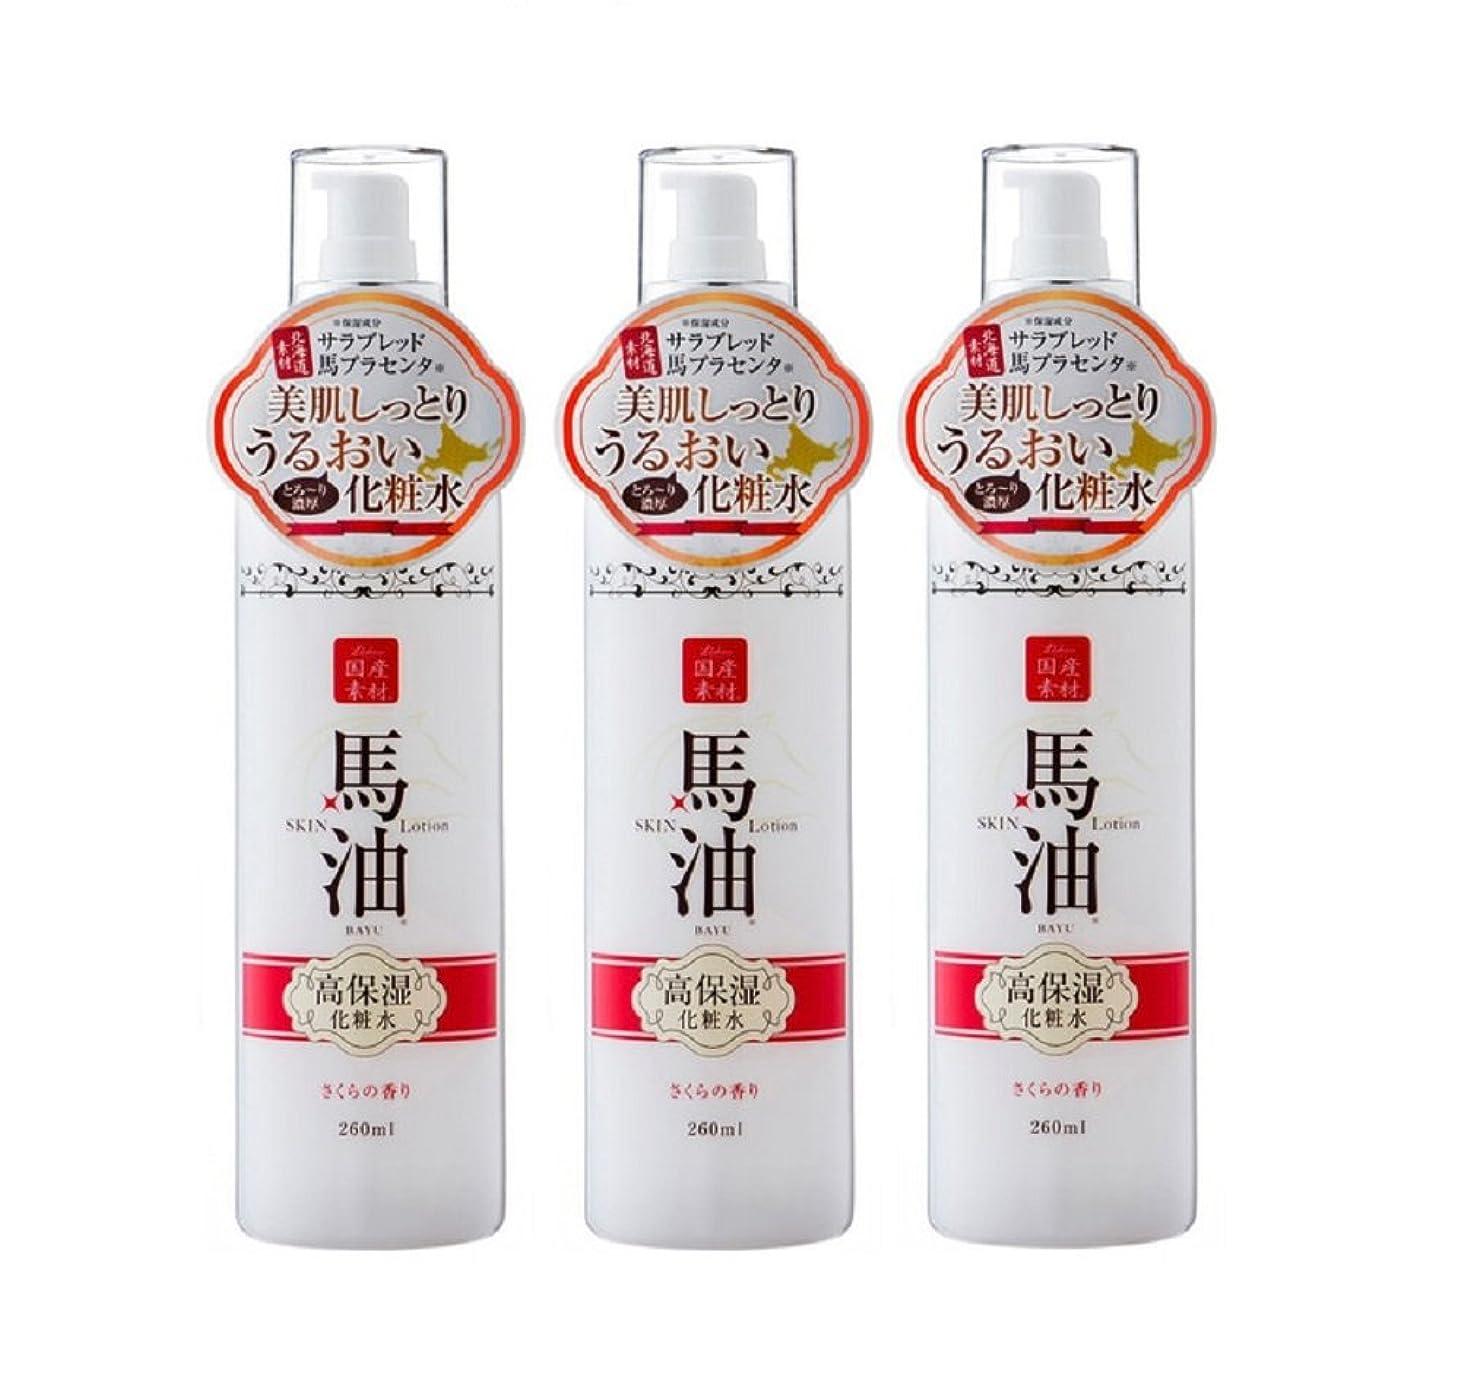 刈るトライアスリート奨学金リシャン 馬油化粧水 さくらの香り 260ml×3本セット